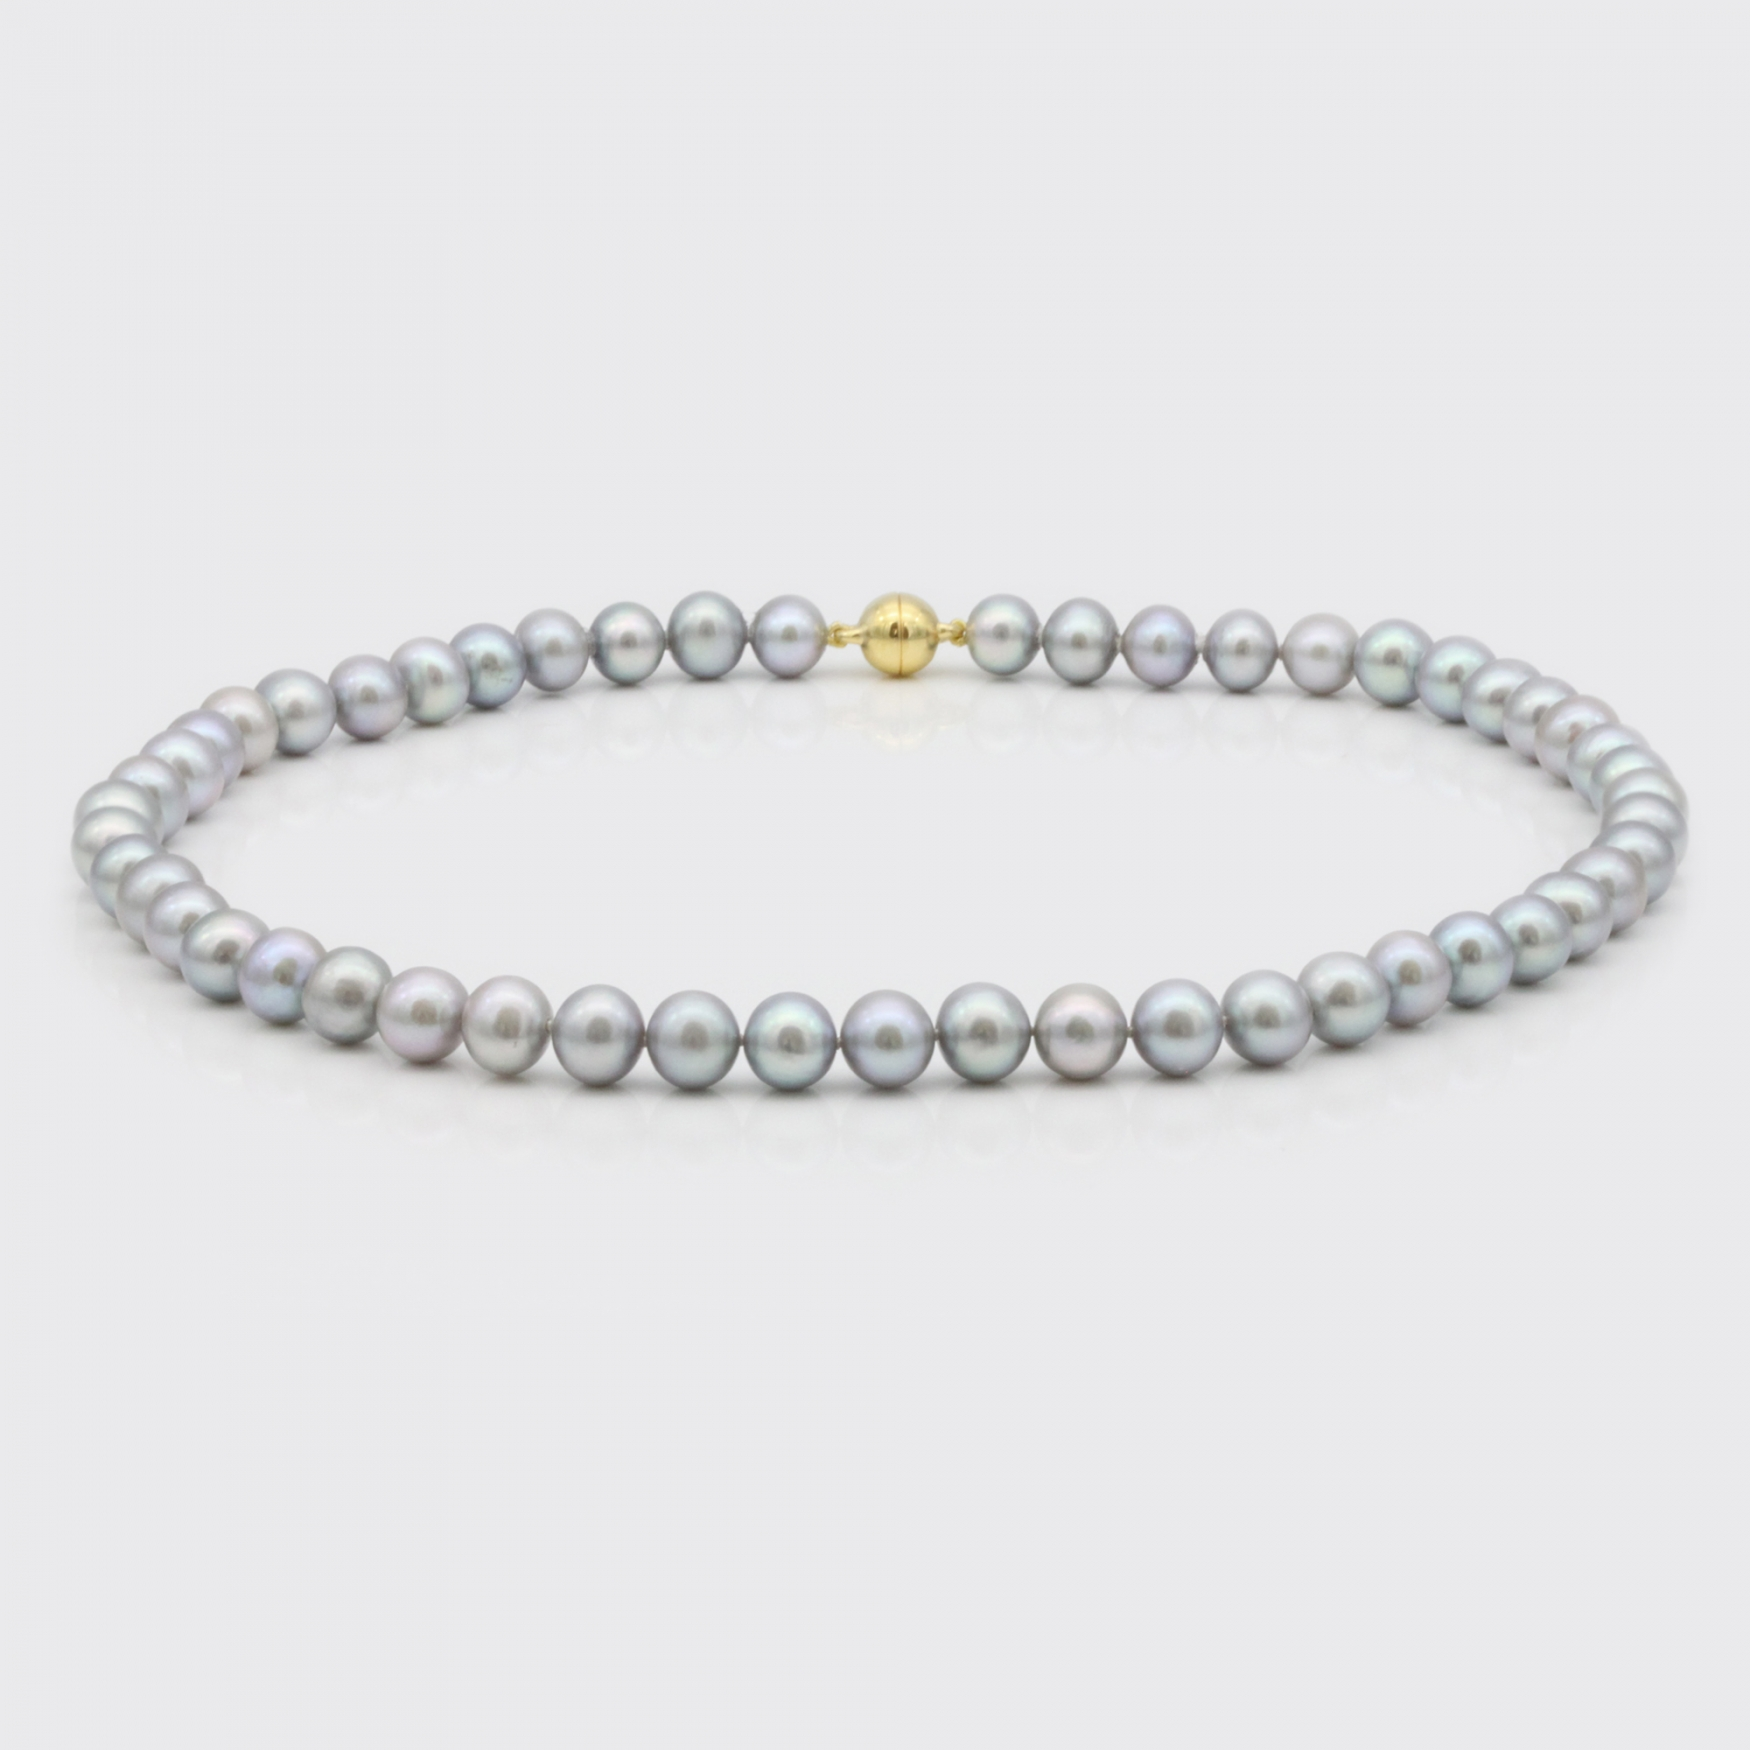 Halskette - hellgraue Süßwasserperlen (7,5-8 mm)